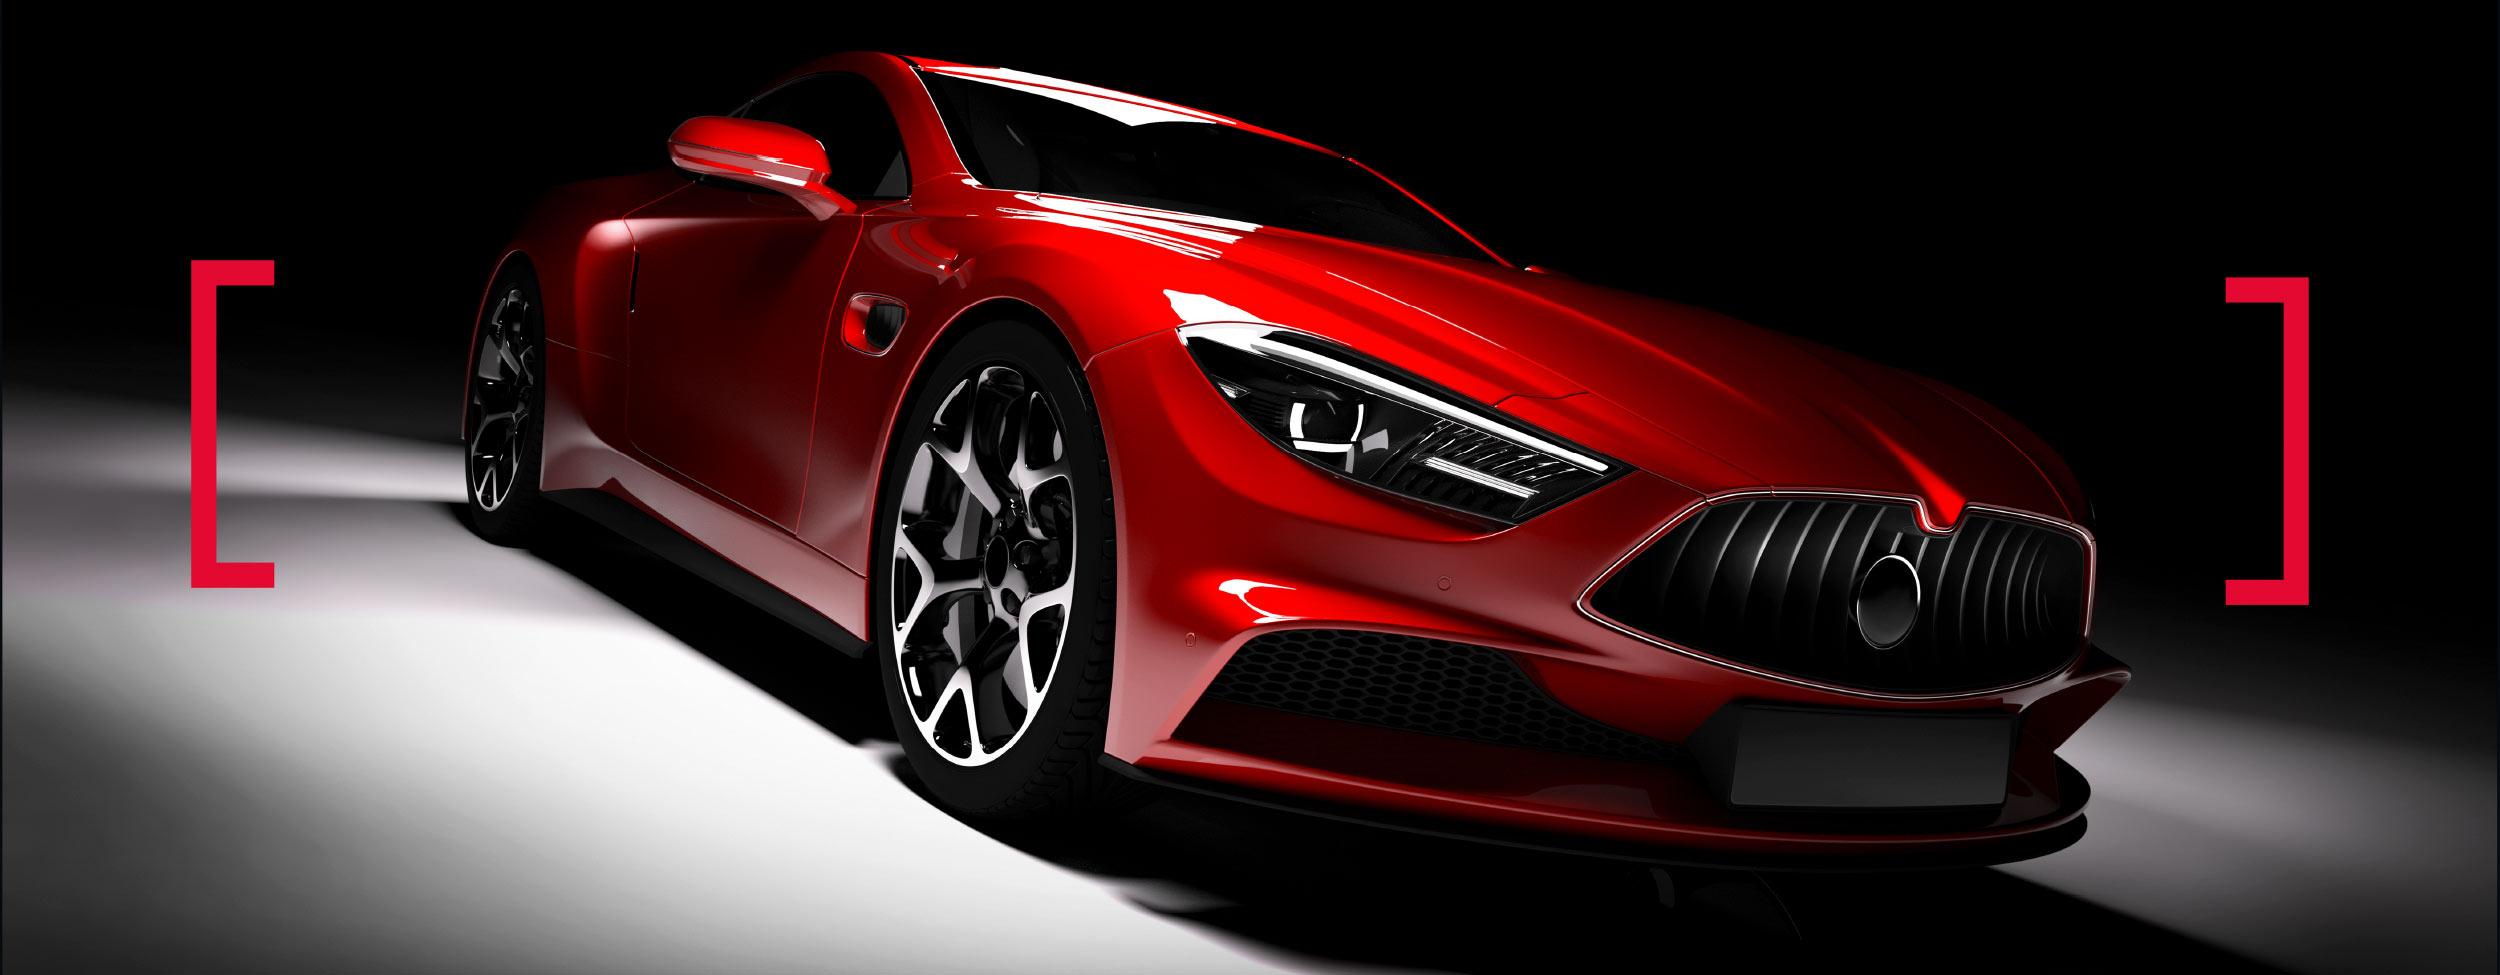 Fahrzeugpflegeprodukte und Autopflegeprodukte Online Shop